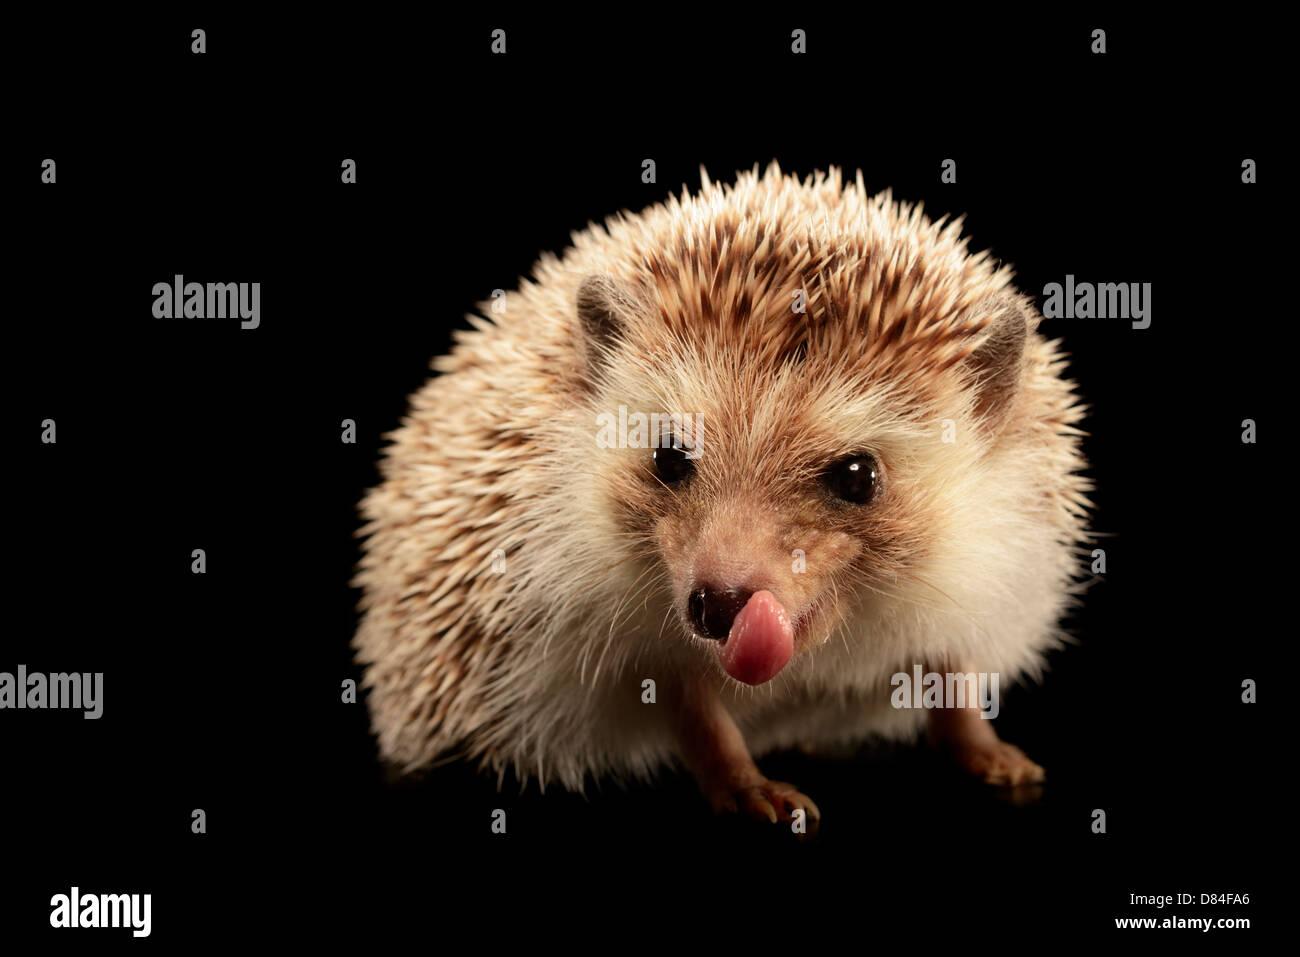 Hedgehog isolated on black background. - Stock Image